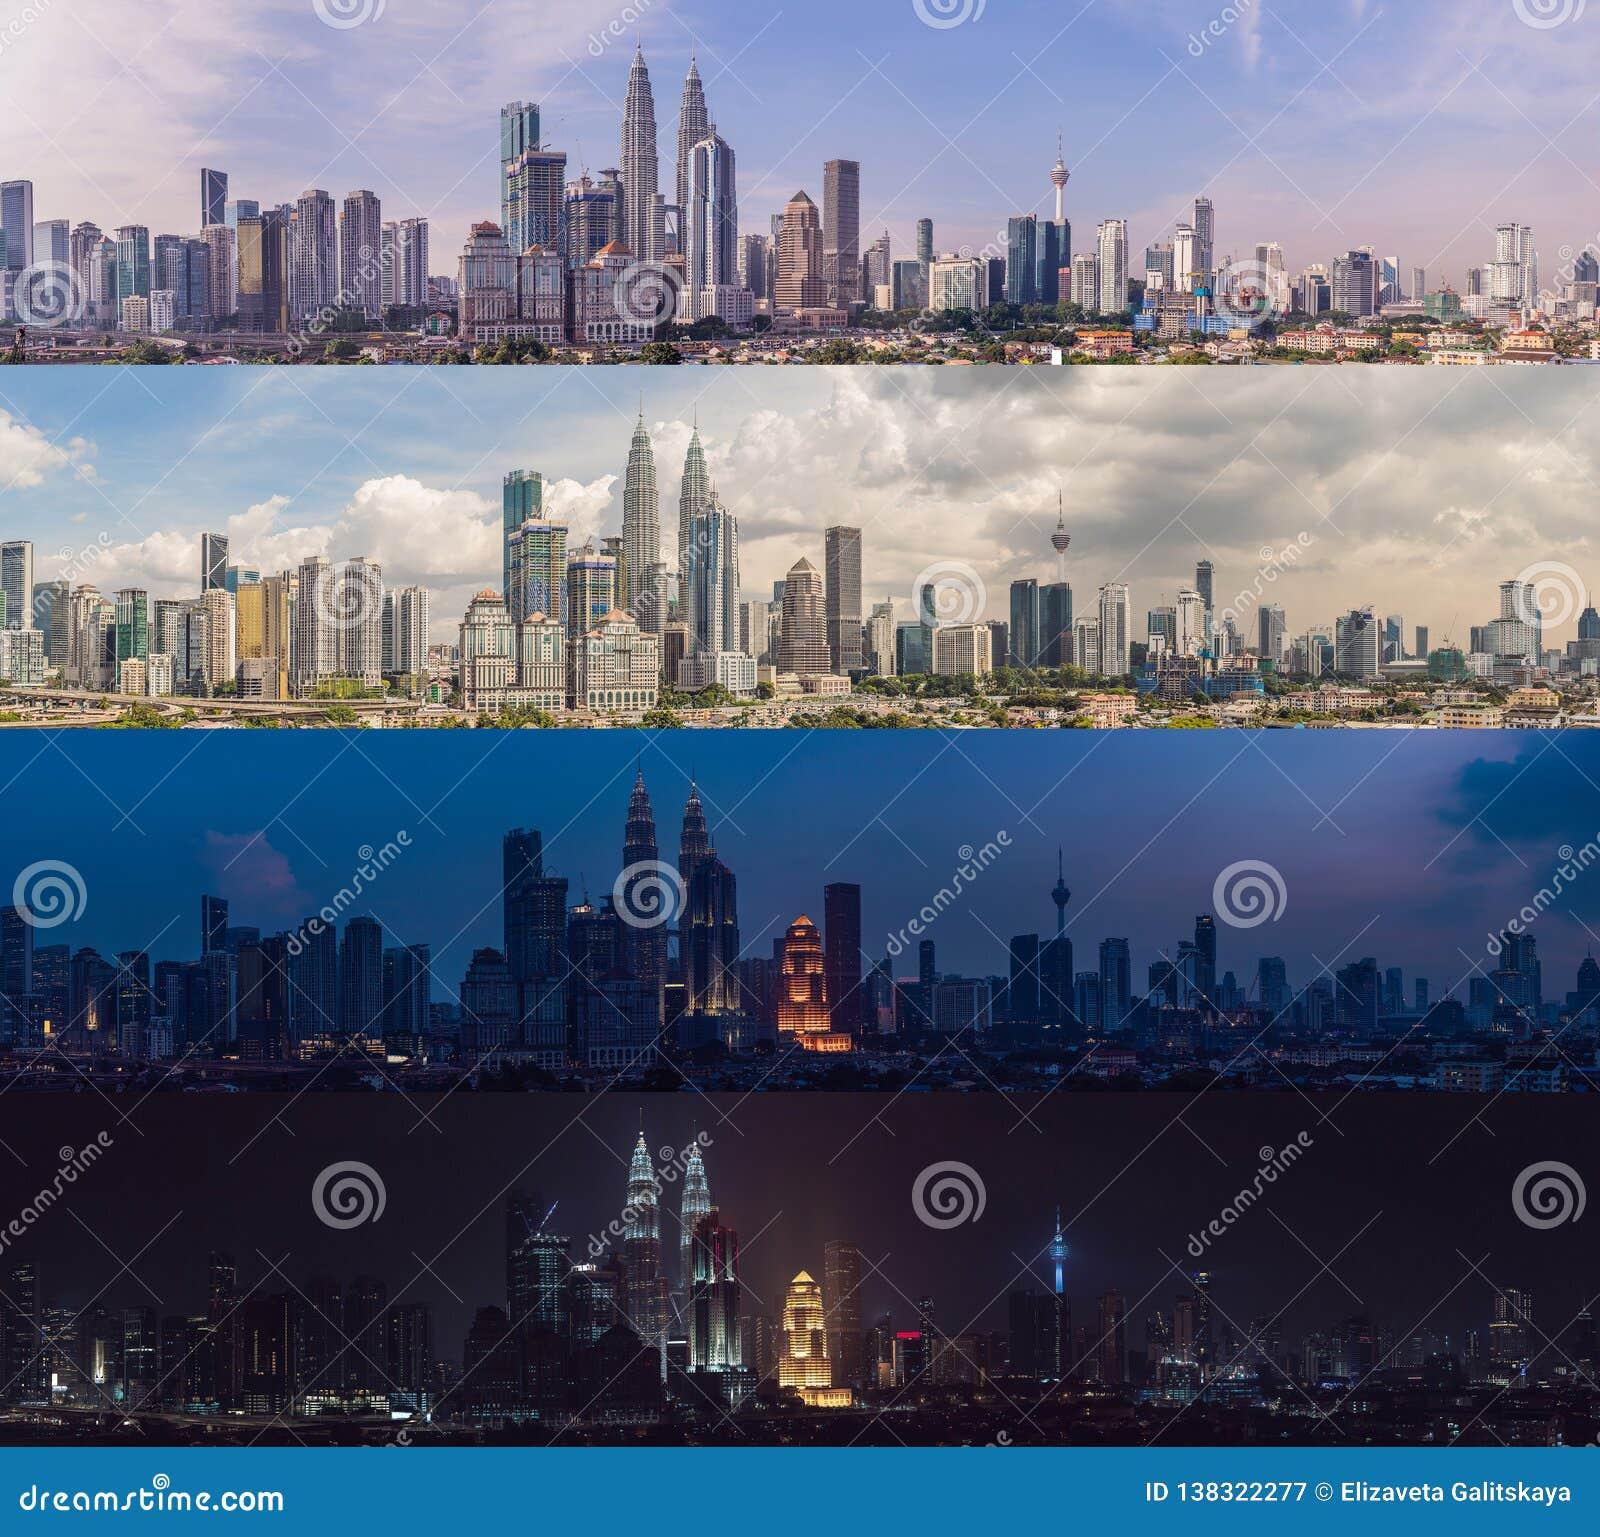 早晨下午晚上夜 四时刻 吉隆坡地平线,城市的看法,有美丽的摩天大楼